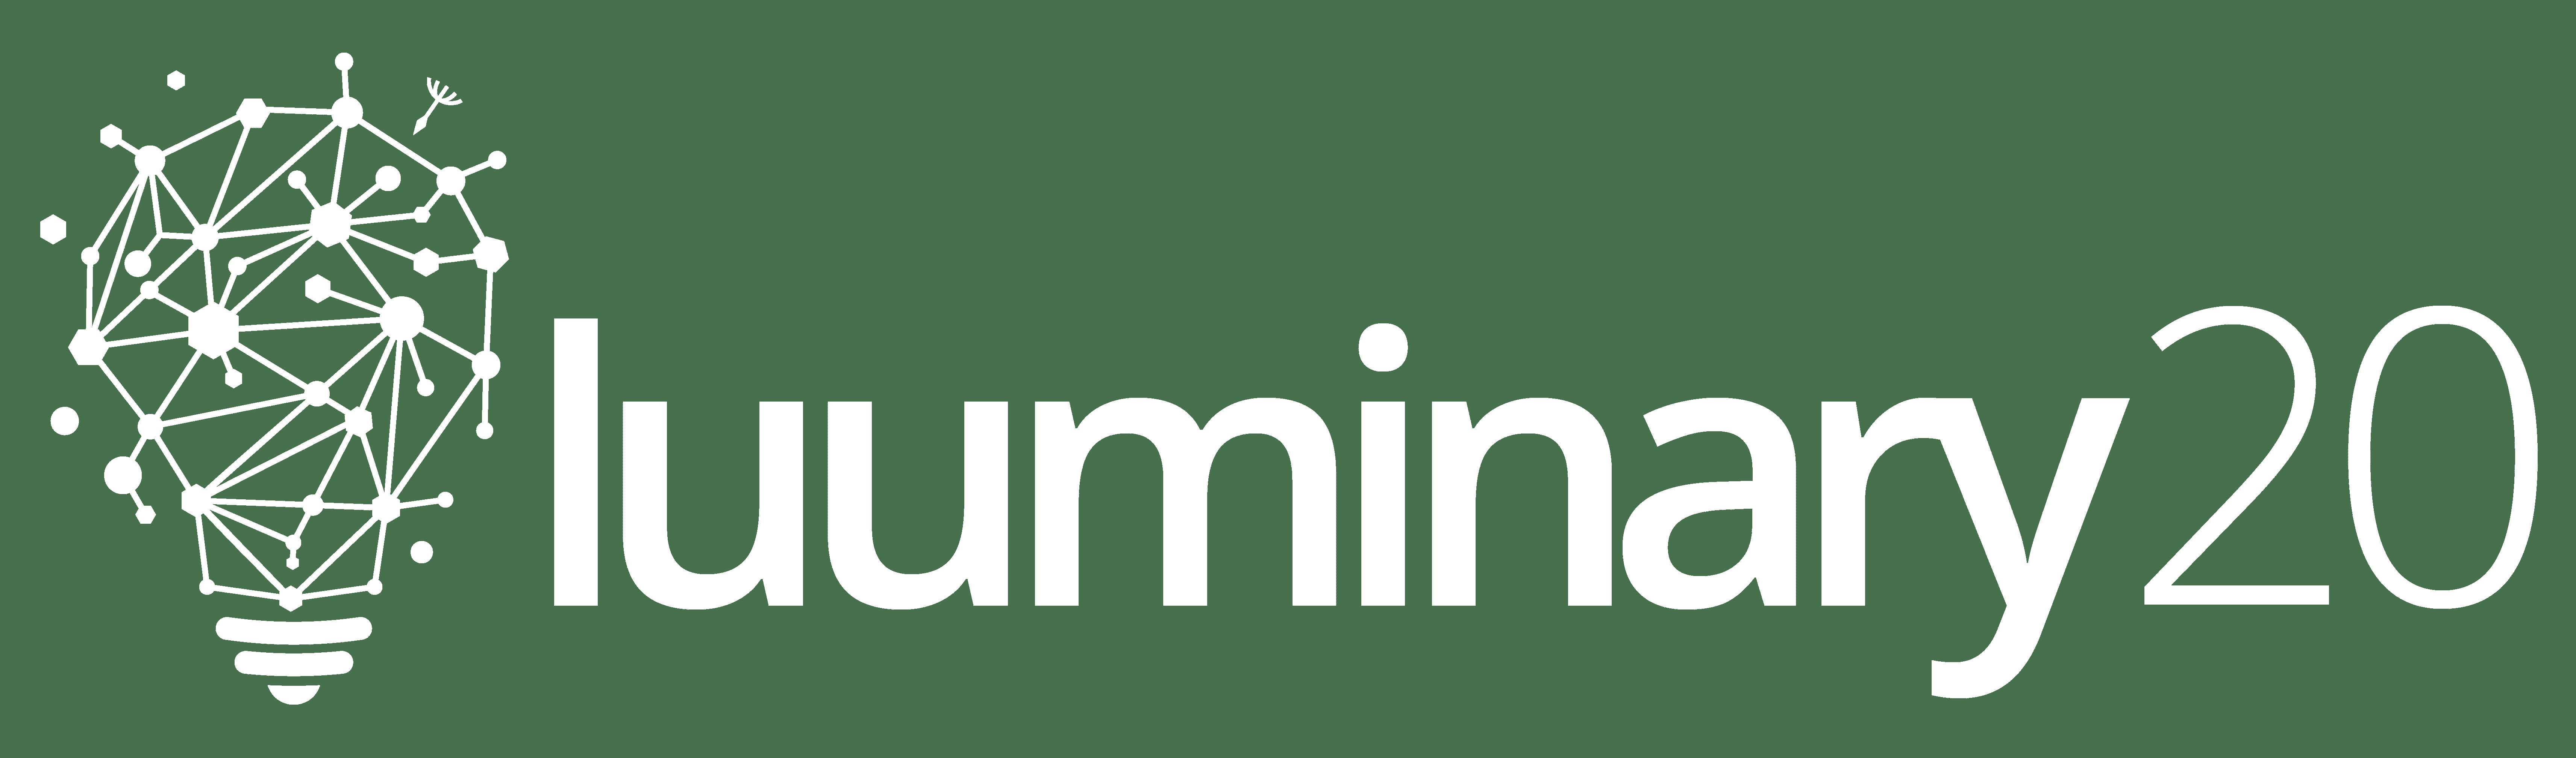 Luuminary Logo